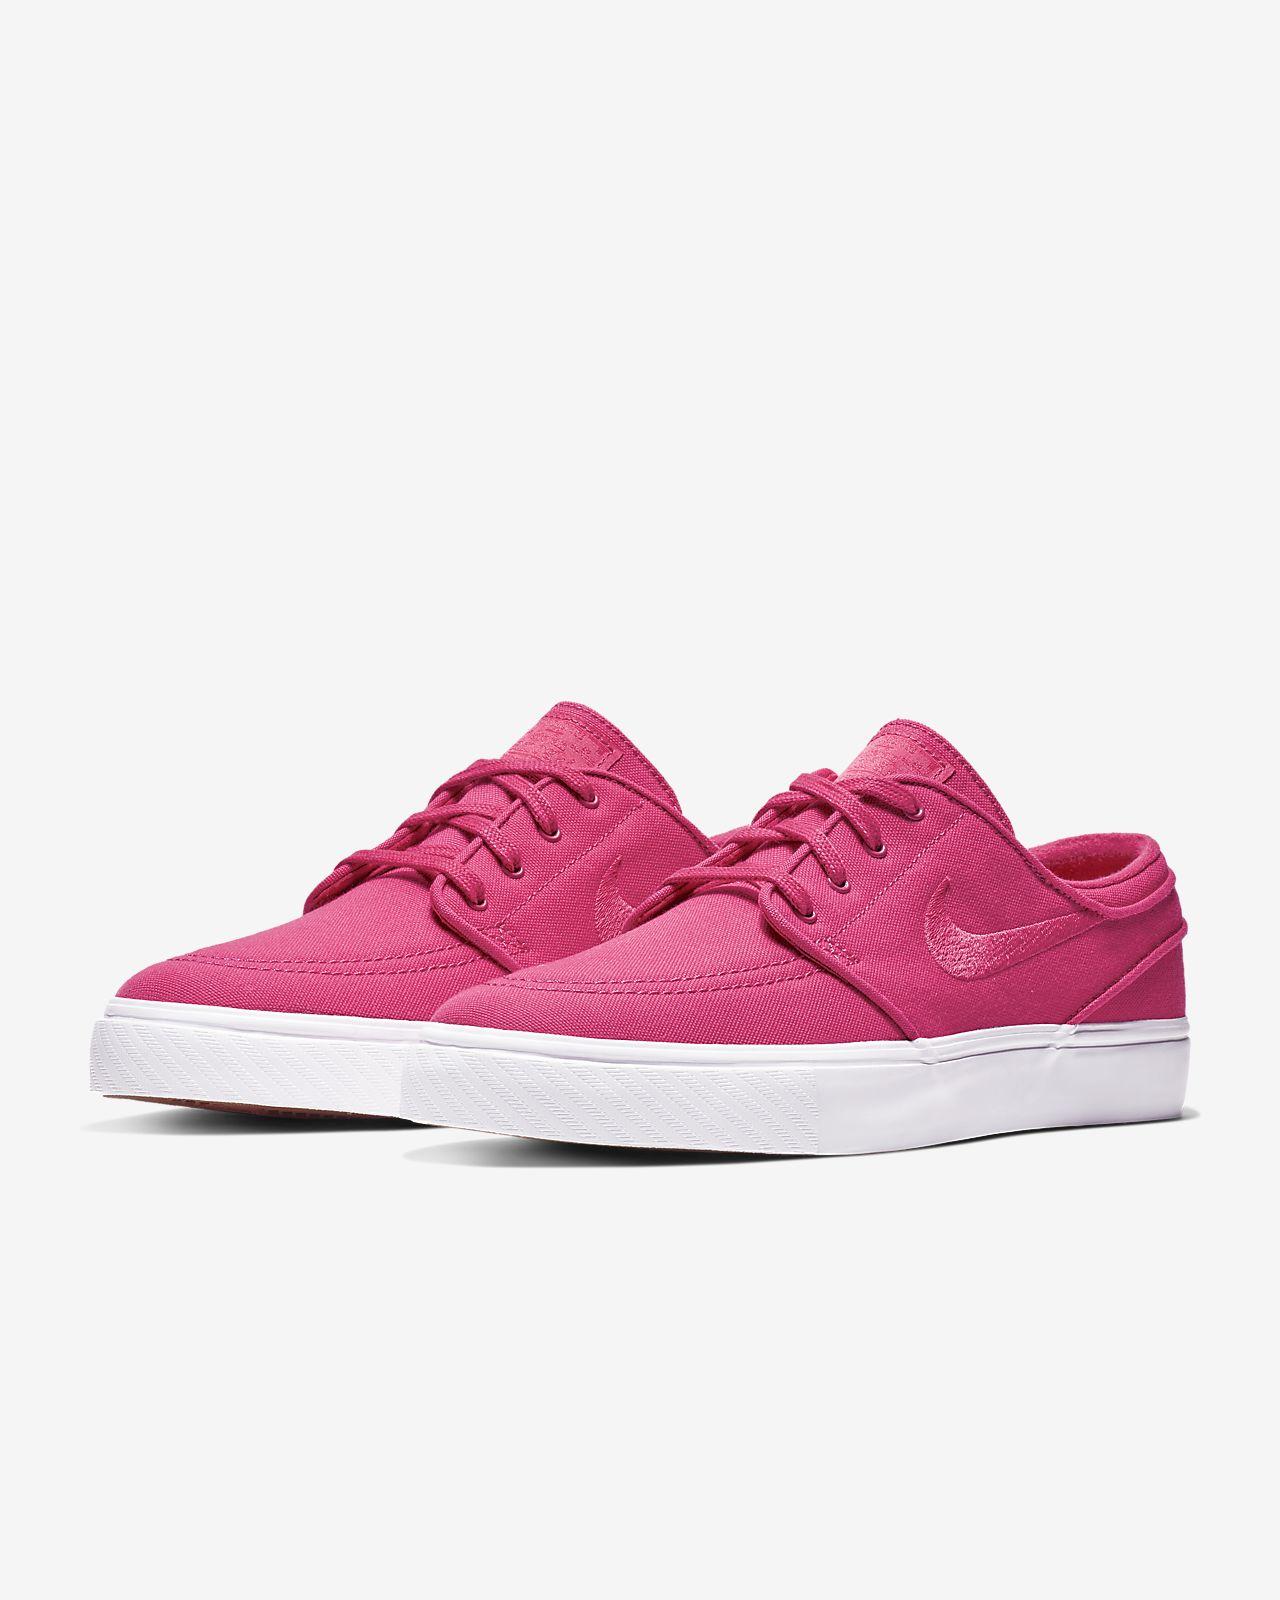 48ab682c256 ... Sapatilhas de skateboard Nike SB Zoom Stefan Janoski Canvas para homem